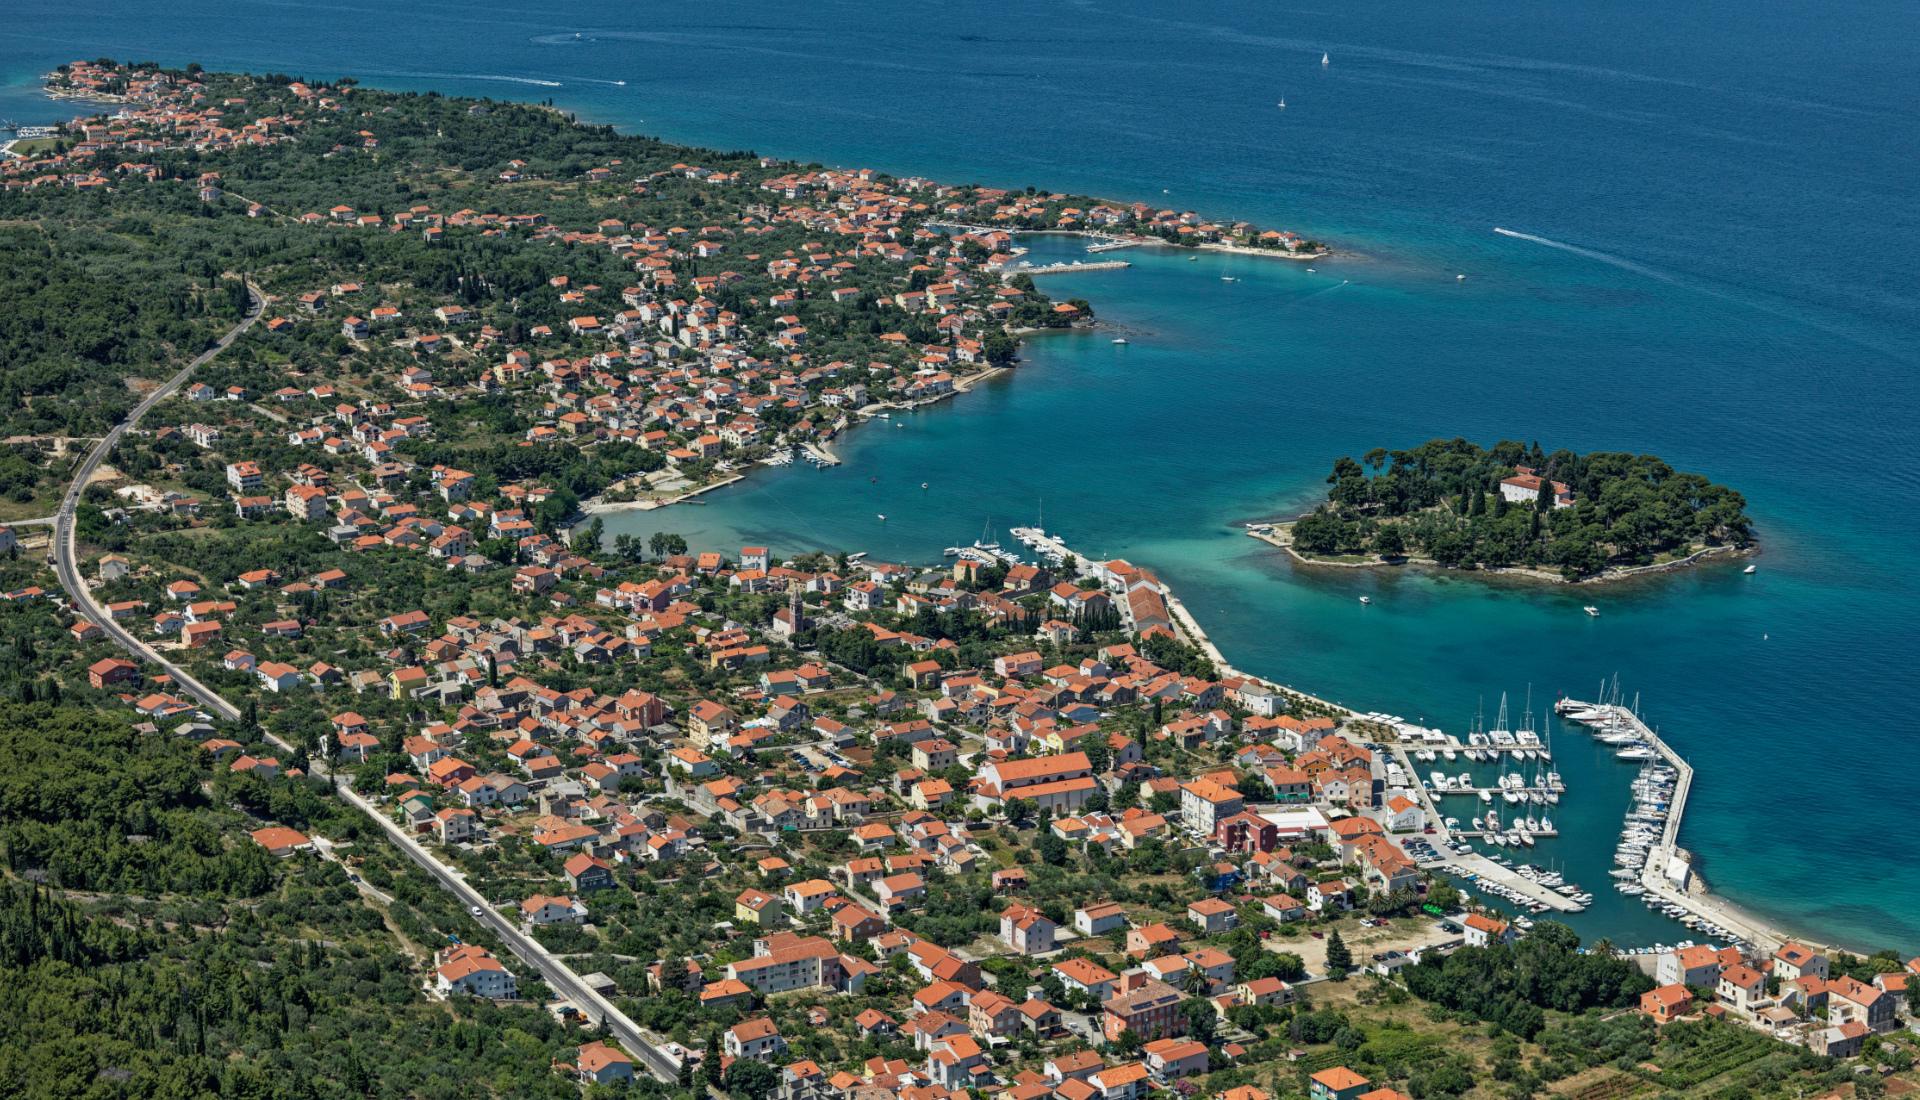 Chorvatsko-město Preko - Letova fotografie - Miroslav Kamrla - 2- 1920x1110_5.jpg